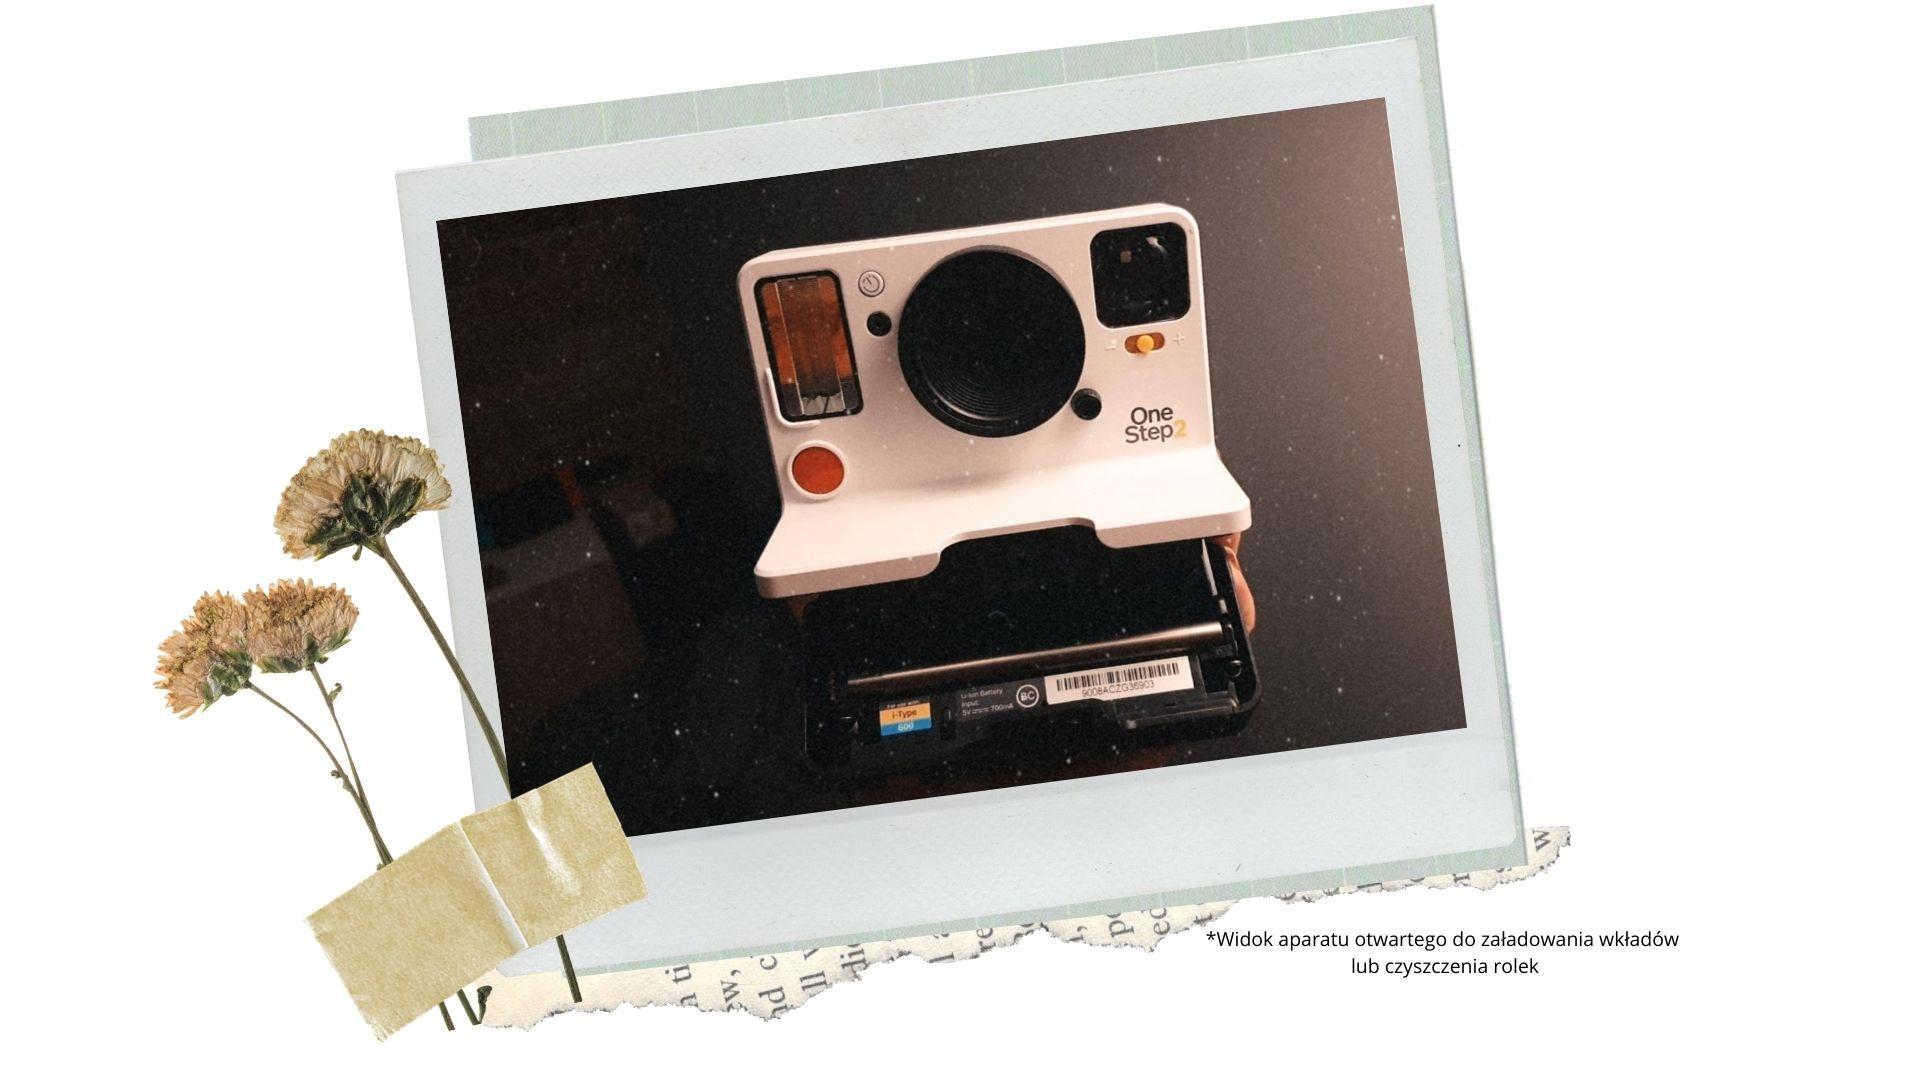 4 instrukcja jak czyscic rolki polaroid jak wymienic wklad onestep2 ile trzyma bateria na ile zdjec wystarcza naladowanie